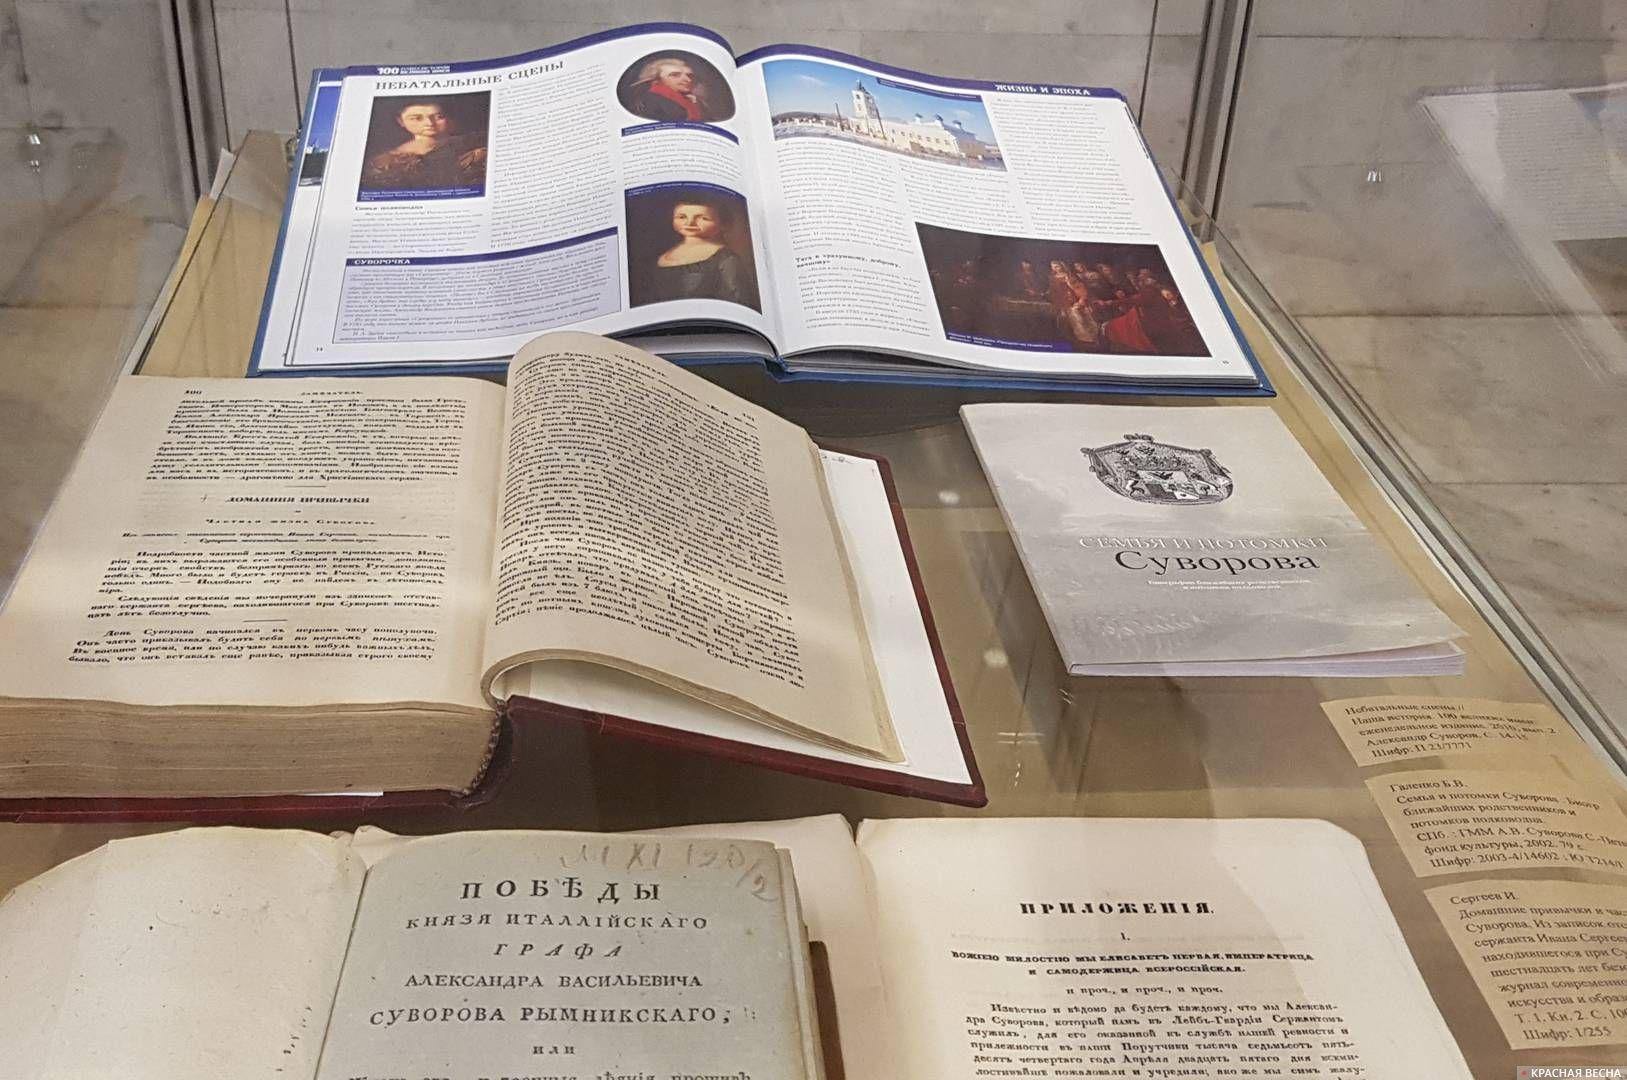 Выставка «Он гением блистал в бою любом». Санкт-Петербург, Российская национальная библиотека